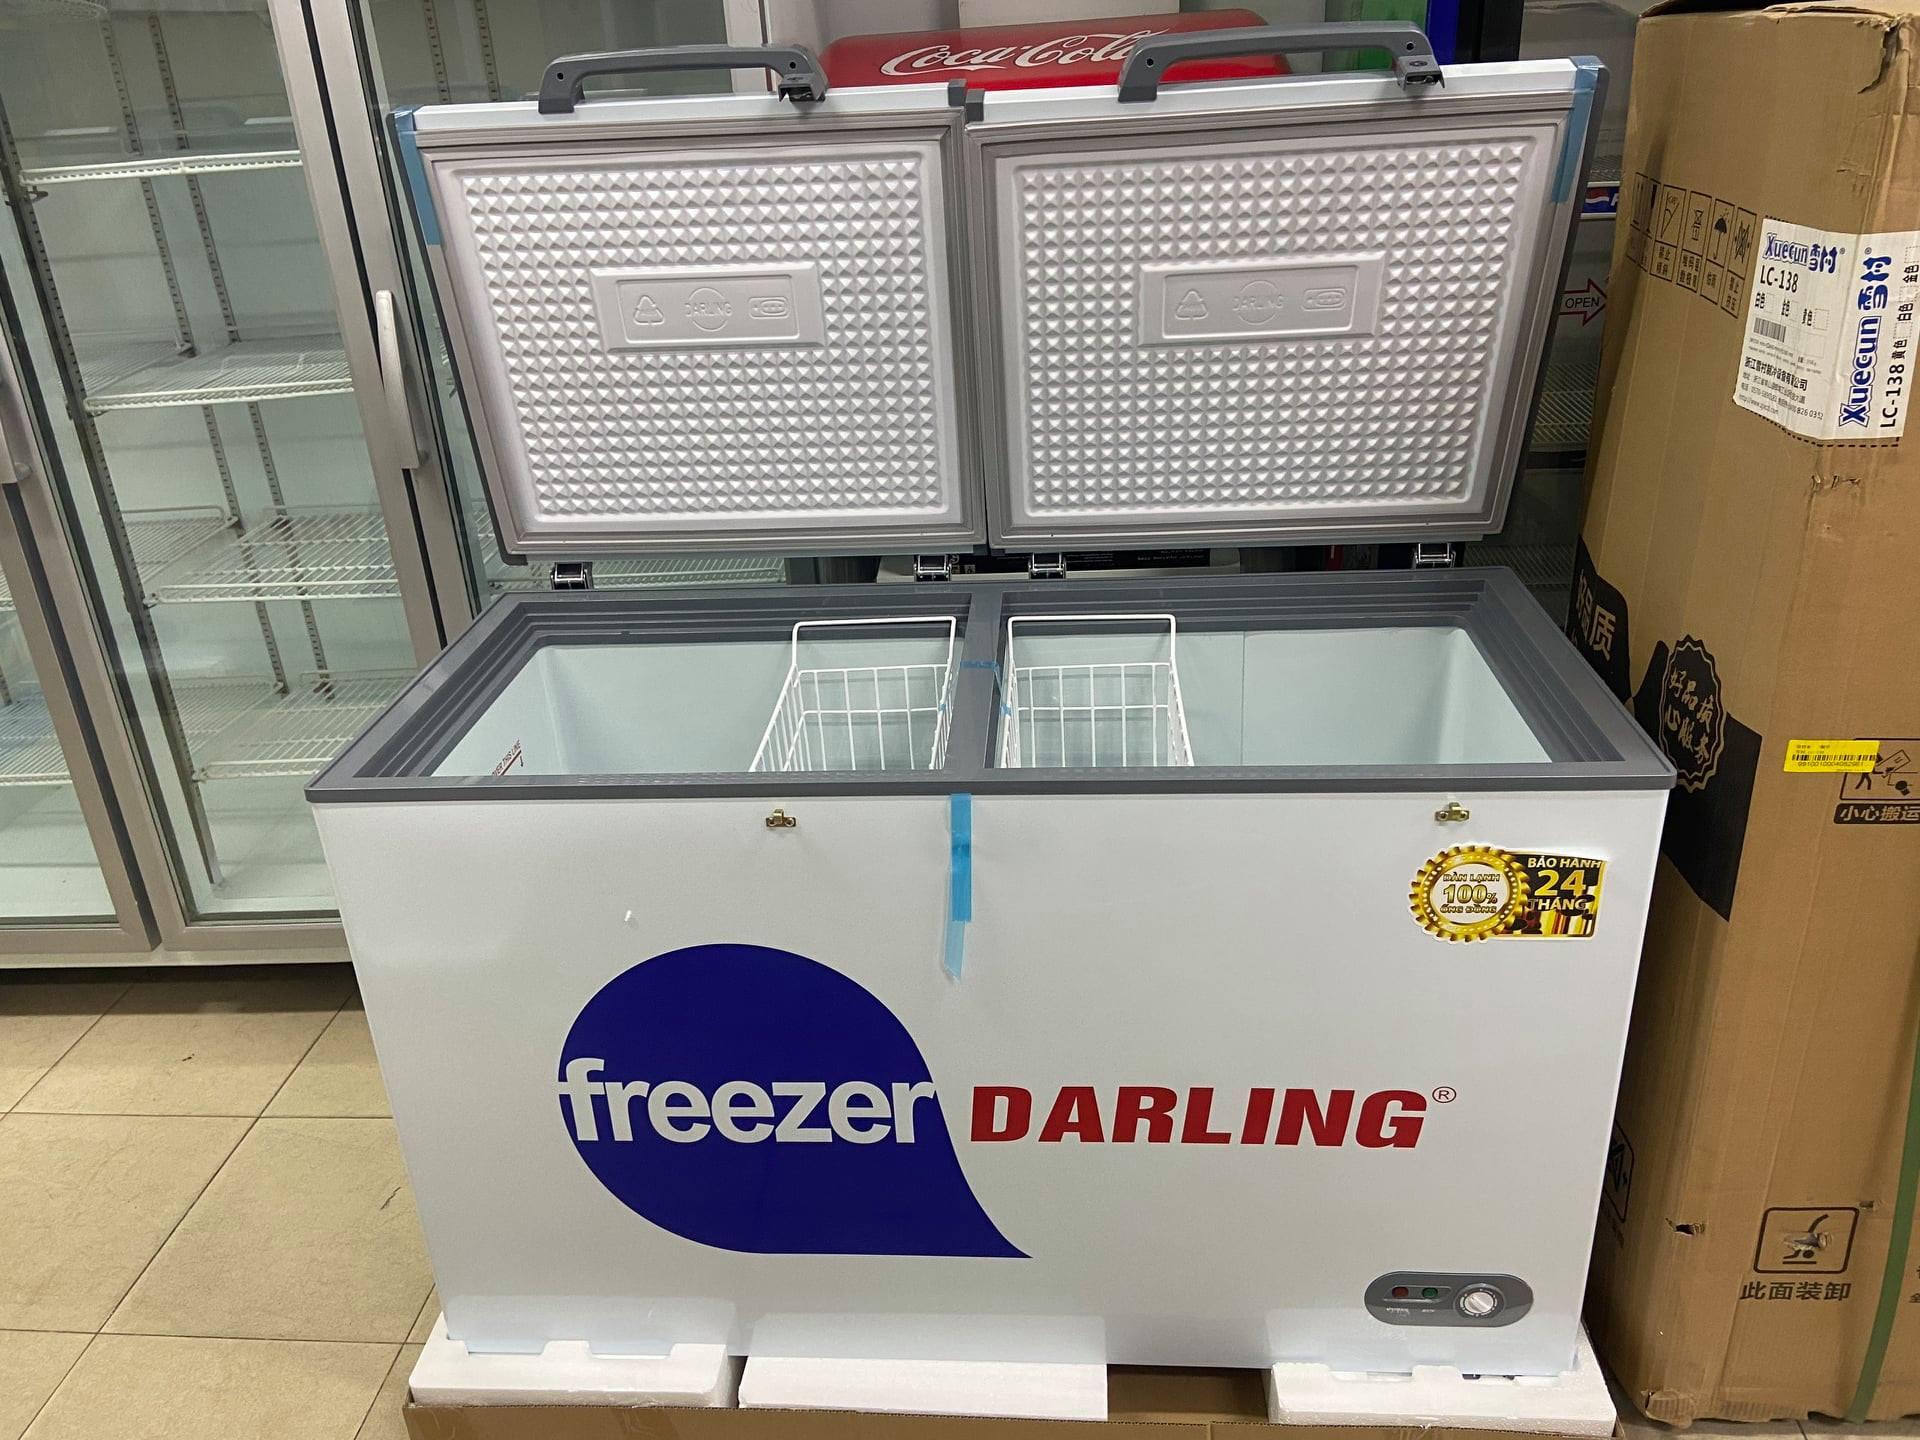 Tủ đông 1 ngăn tiết kiệm điện Darling